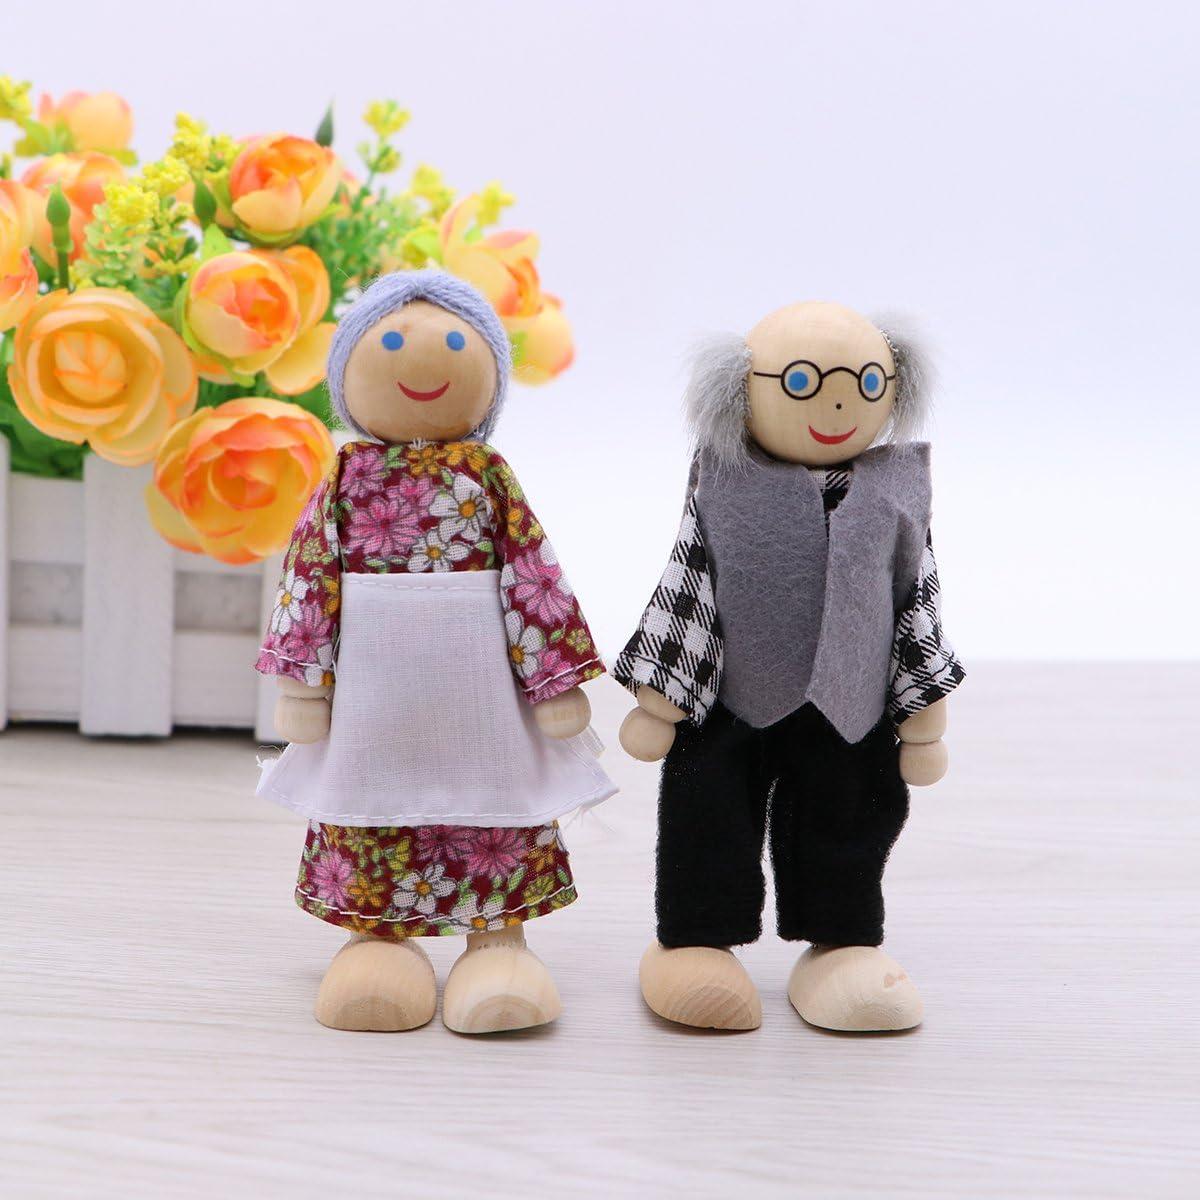 Feelava Holzfiguren Puppen,37 St/ück Unvollendete Holz Doll People mit Hut 53mm 63mm Holzfiguren Spielfiguren,DIY nat/ürliche Holzfiguren Hochzeit f/ür Geburtstag Weihnachten Dekoration Bemalen Basteln